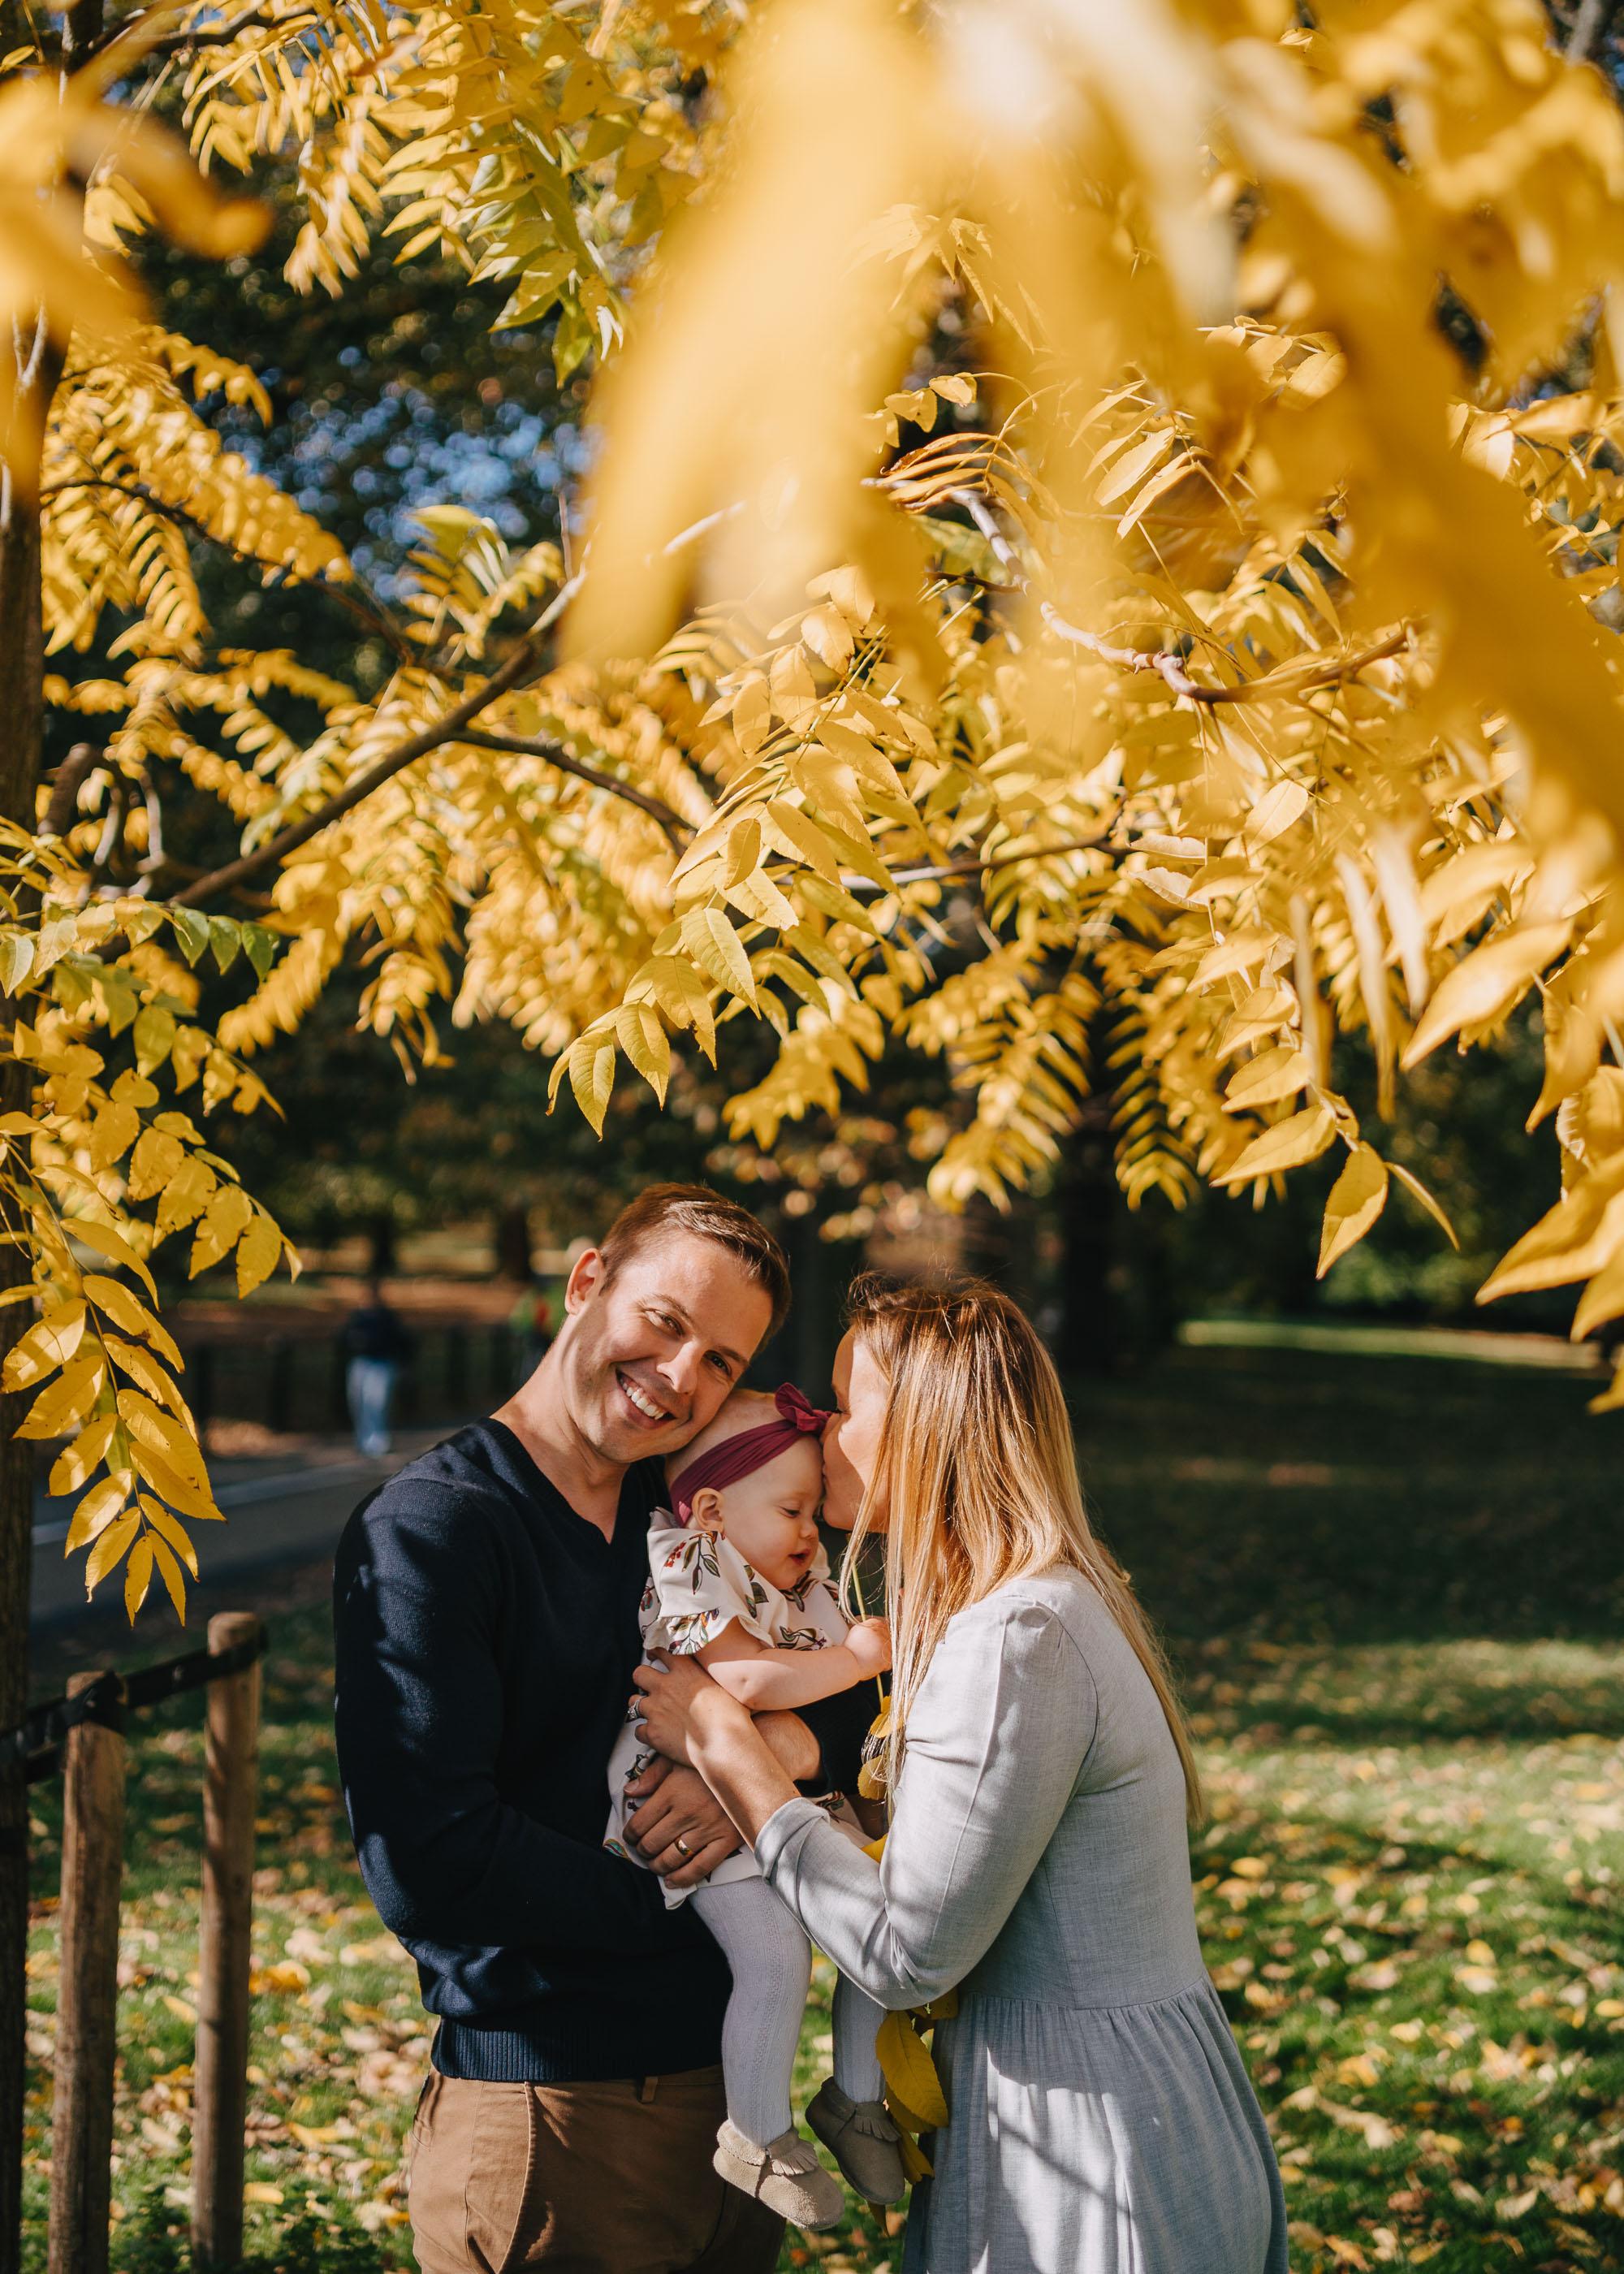 Natural Family Portrait Photographer, London